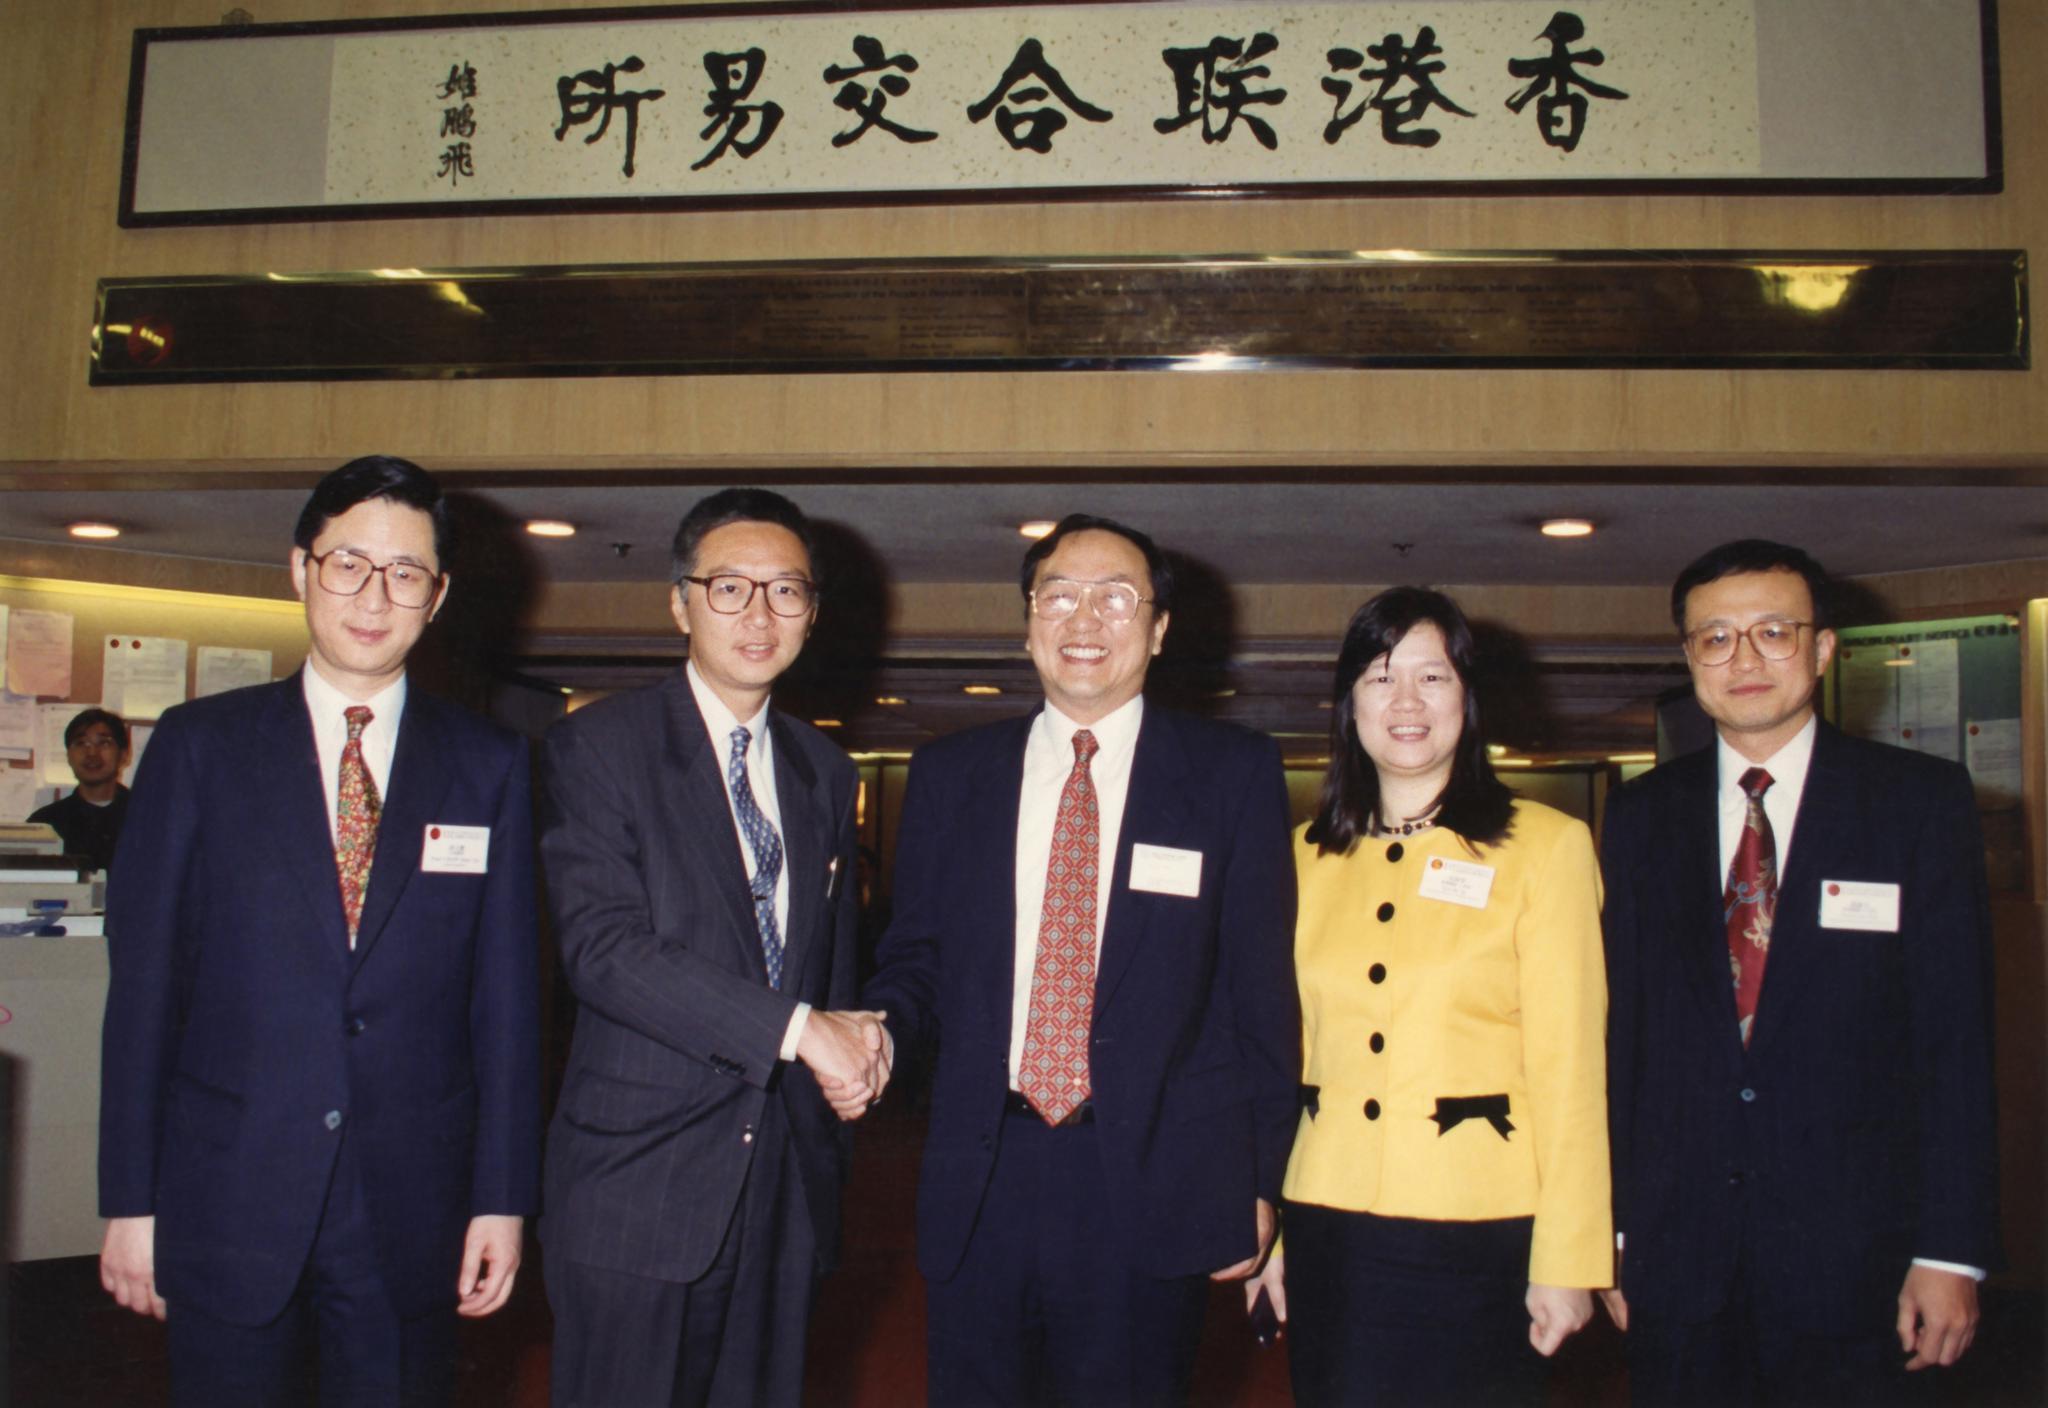 1994年2月14日,联想在香港说相符交易所主板上市。